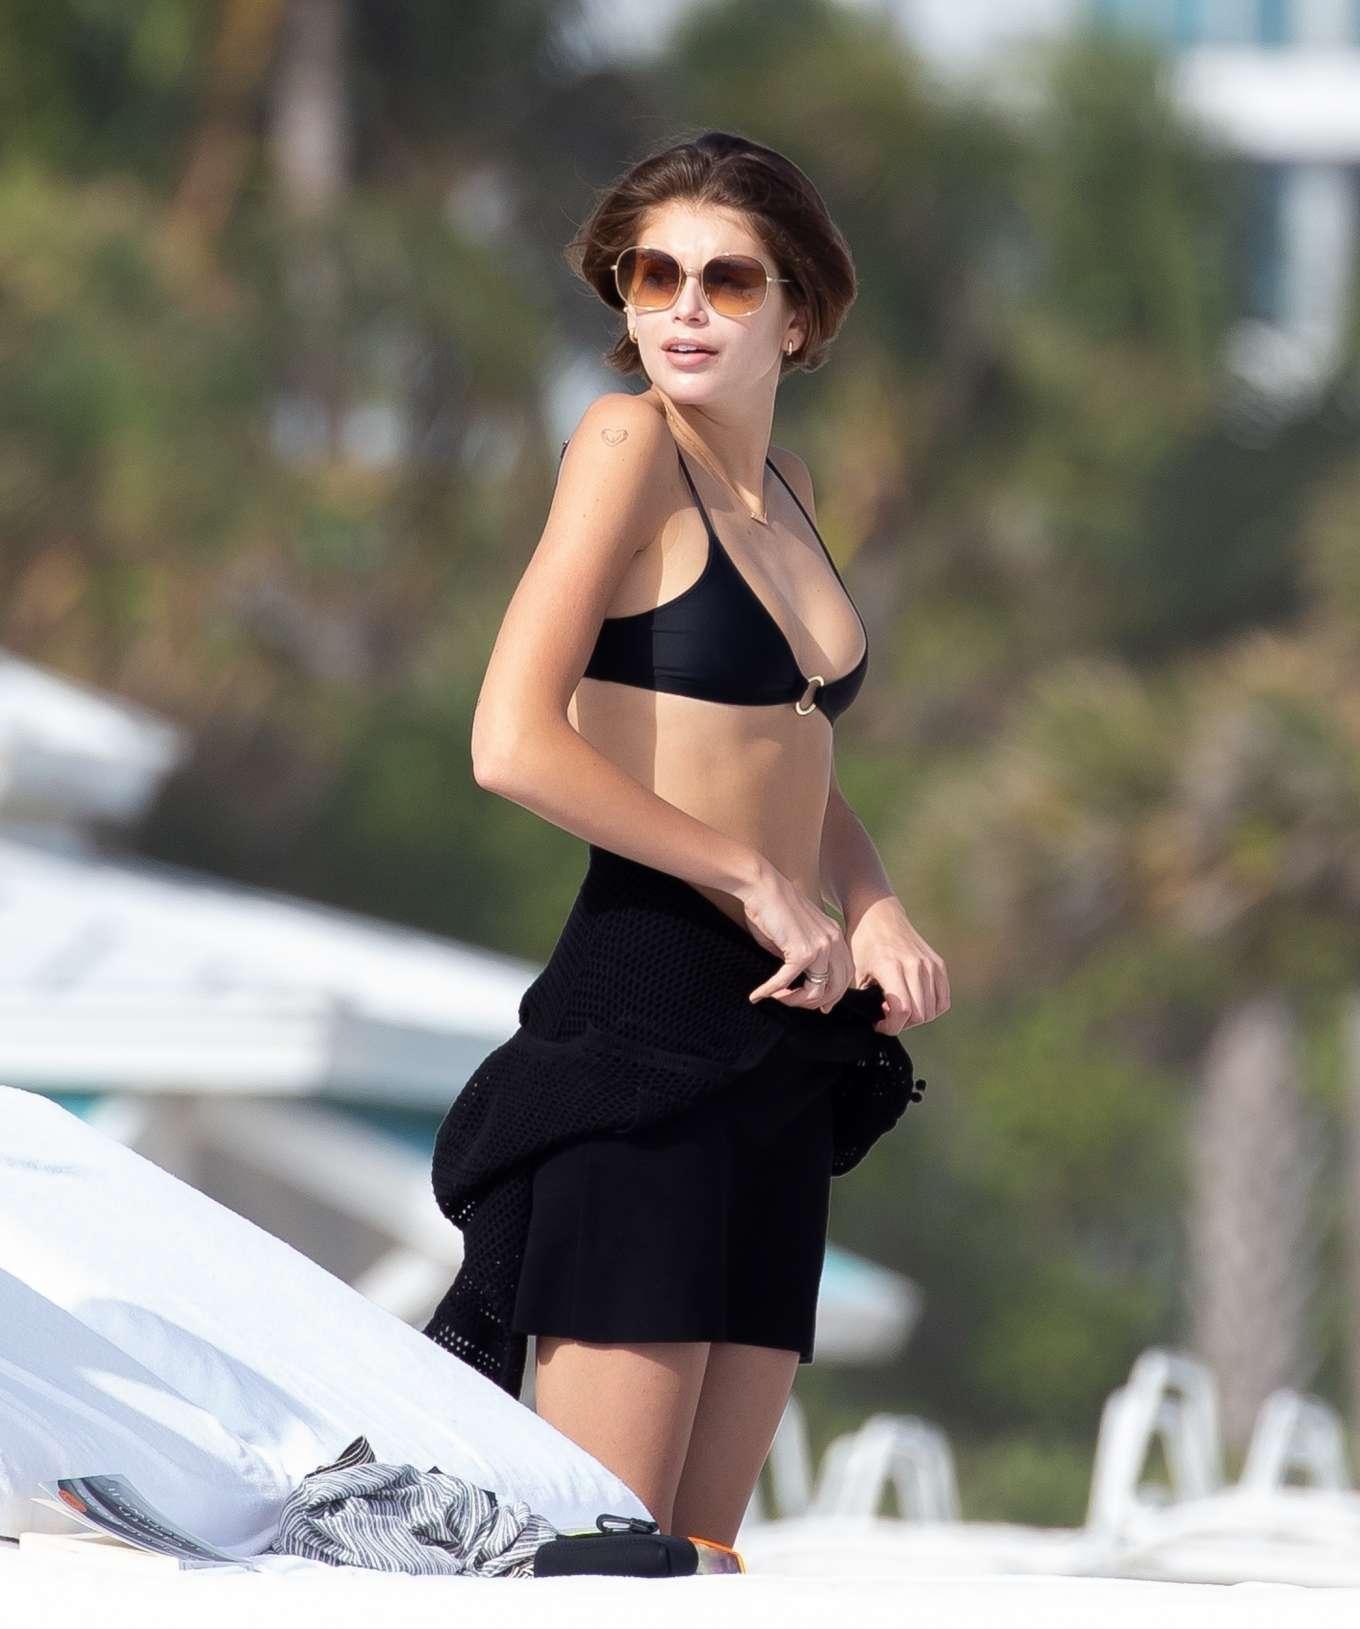 Kaia Gerber in Black Bikini on the beach in Miami